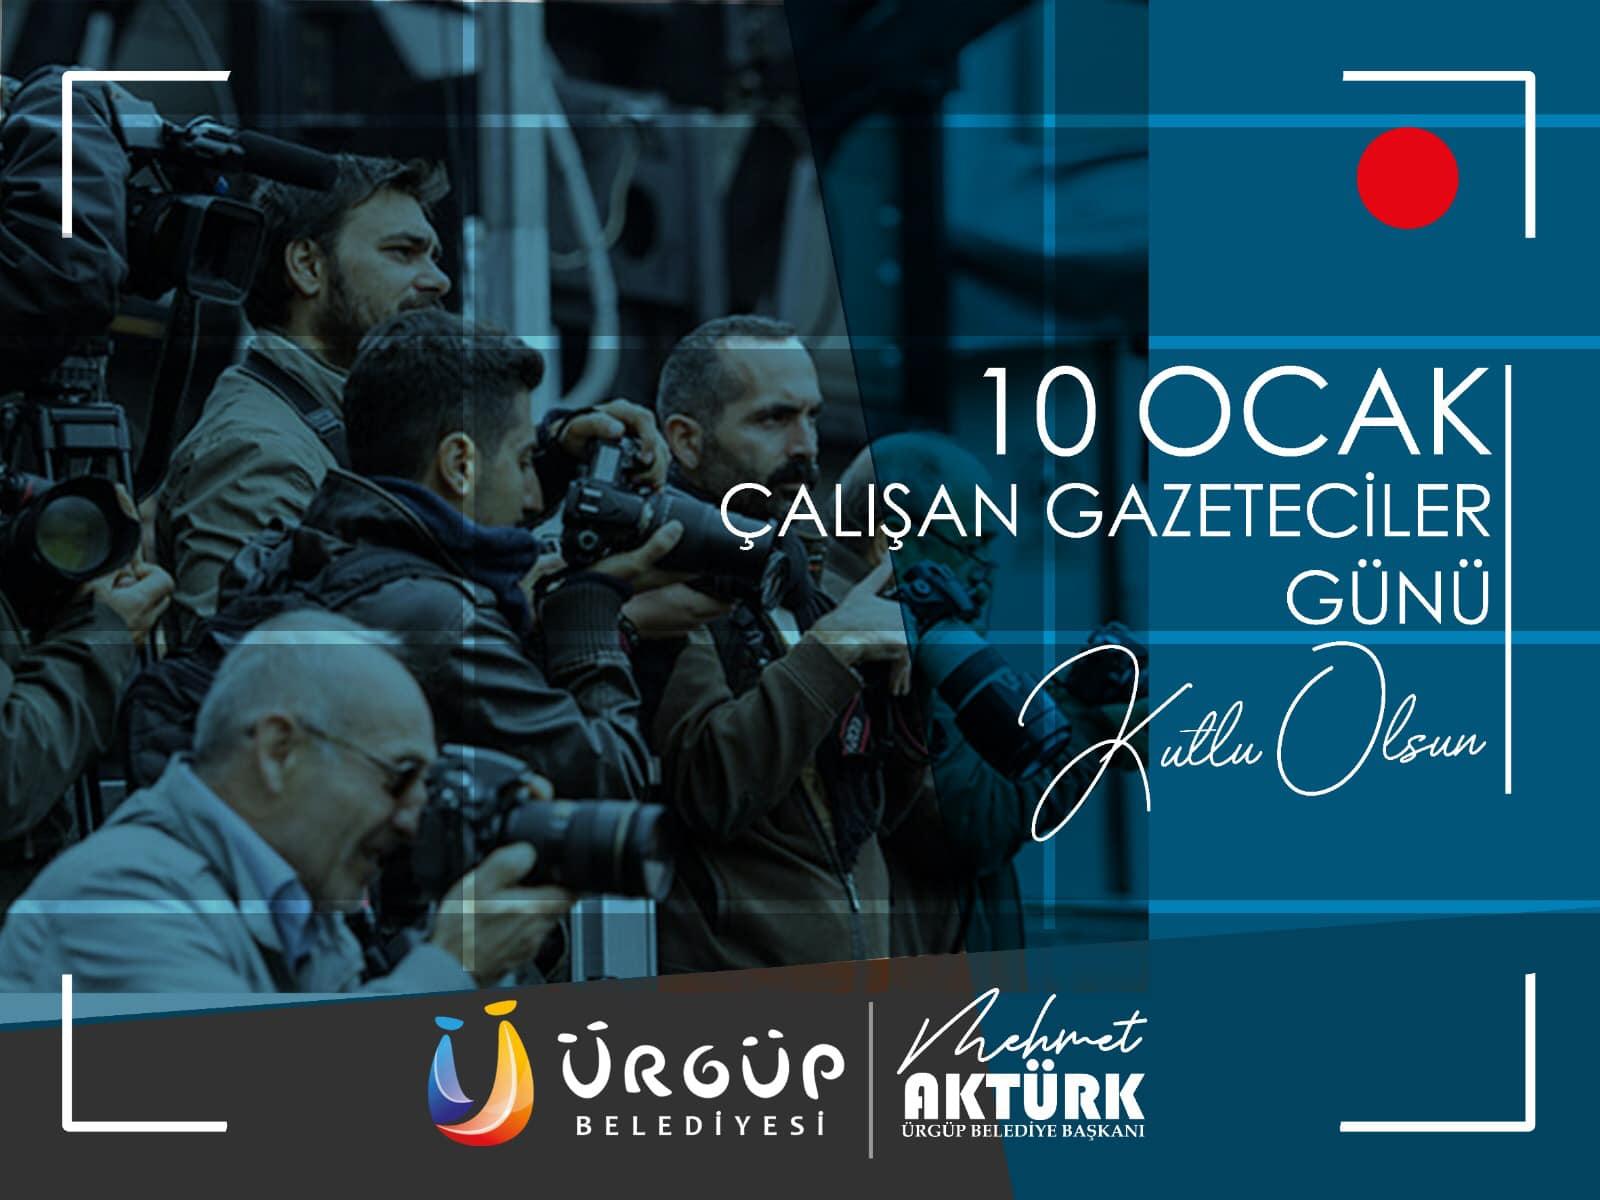 Ürgüp Belediye Başkanı Mehmet Aktürk'ün 10 Ocak Çalışan Gazeteciler Günü Mesajı